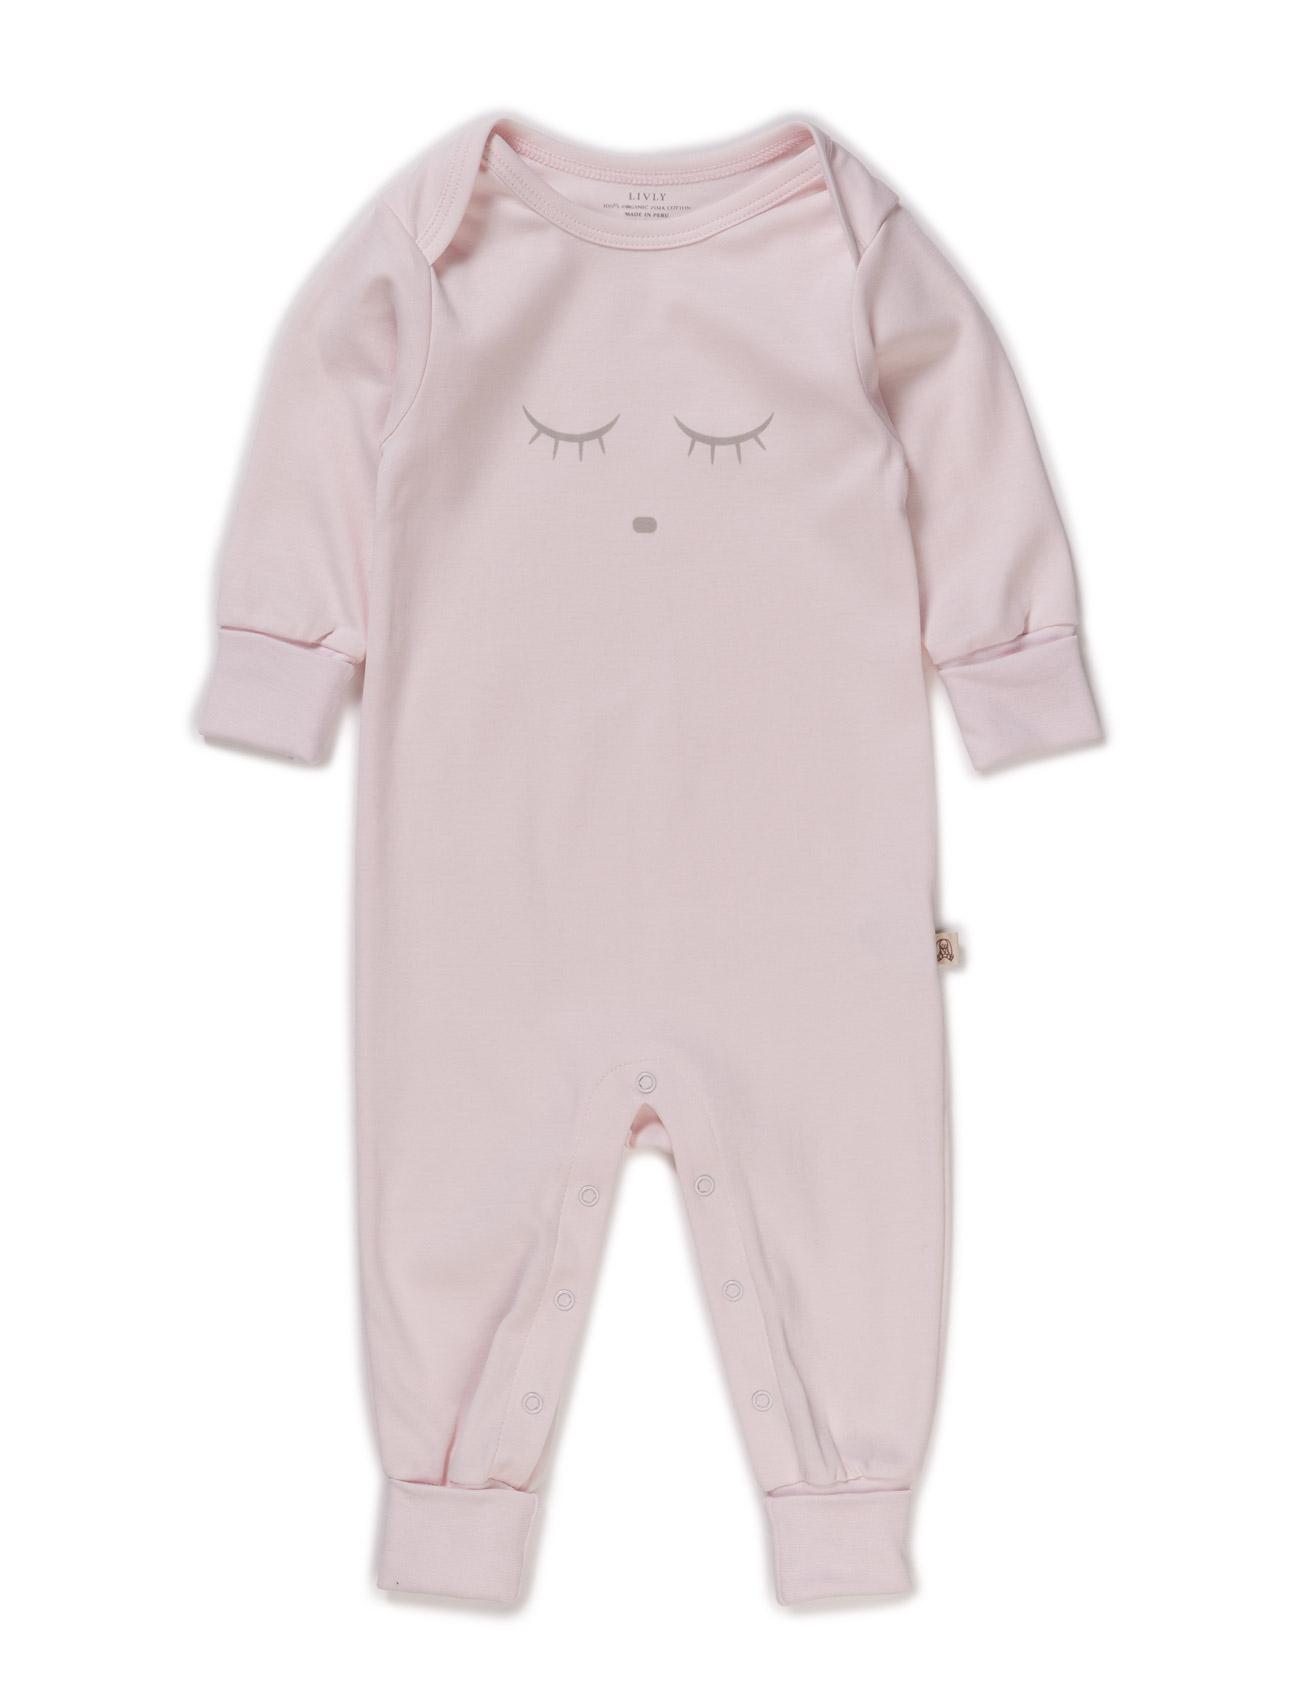 Sleeping Cutie Coverall Livly Langærmede bodies til Børn i